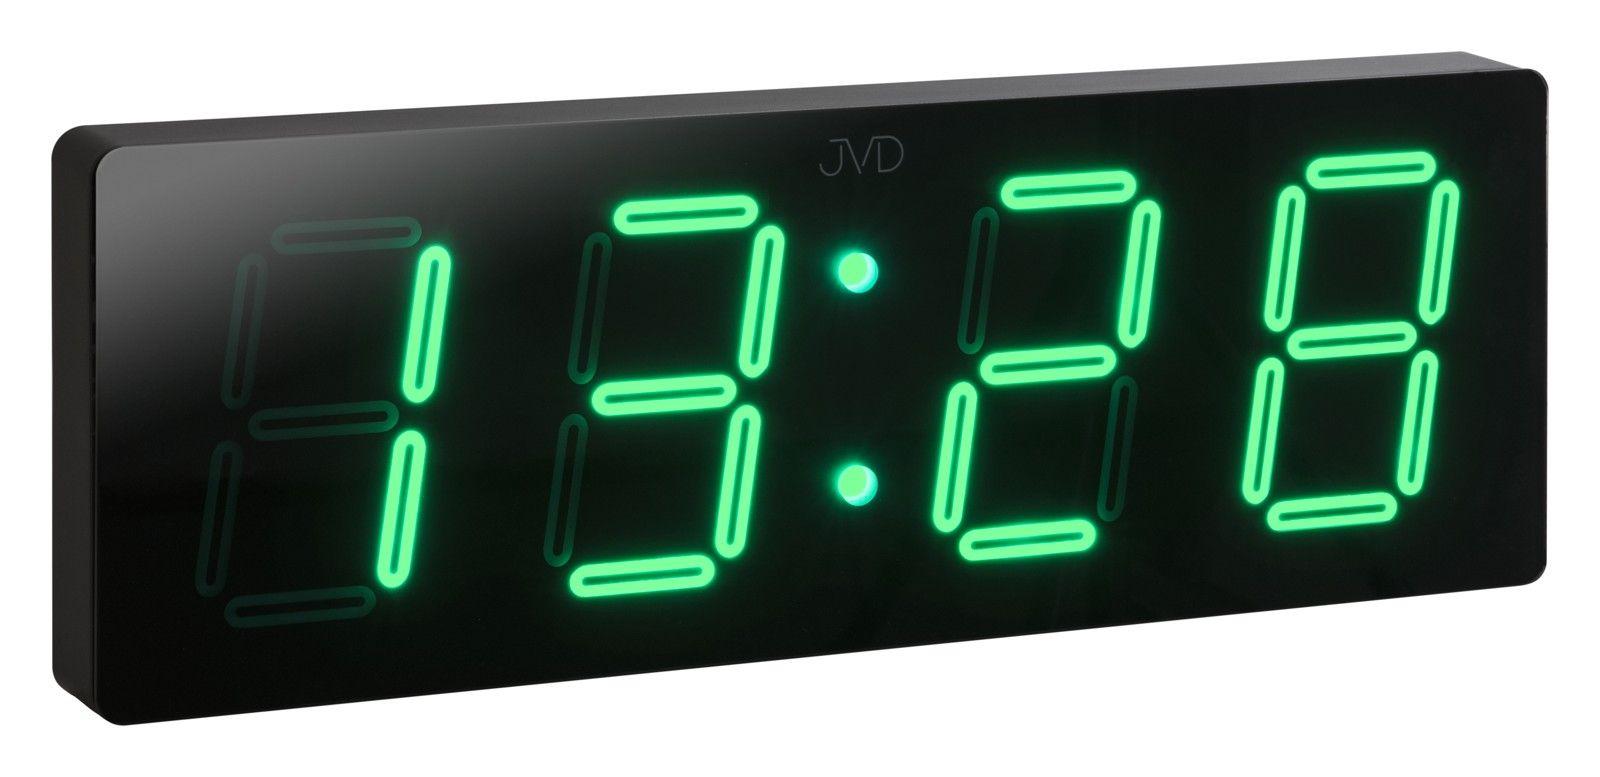 Velké svítící digitální moderní hodiny JVD DH1.3 se zelenými číslicemi (POŠTOVNÉ ZDARMA!!!)